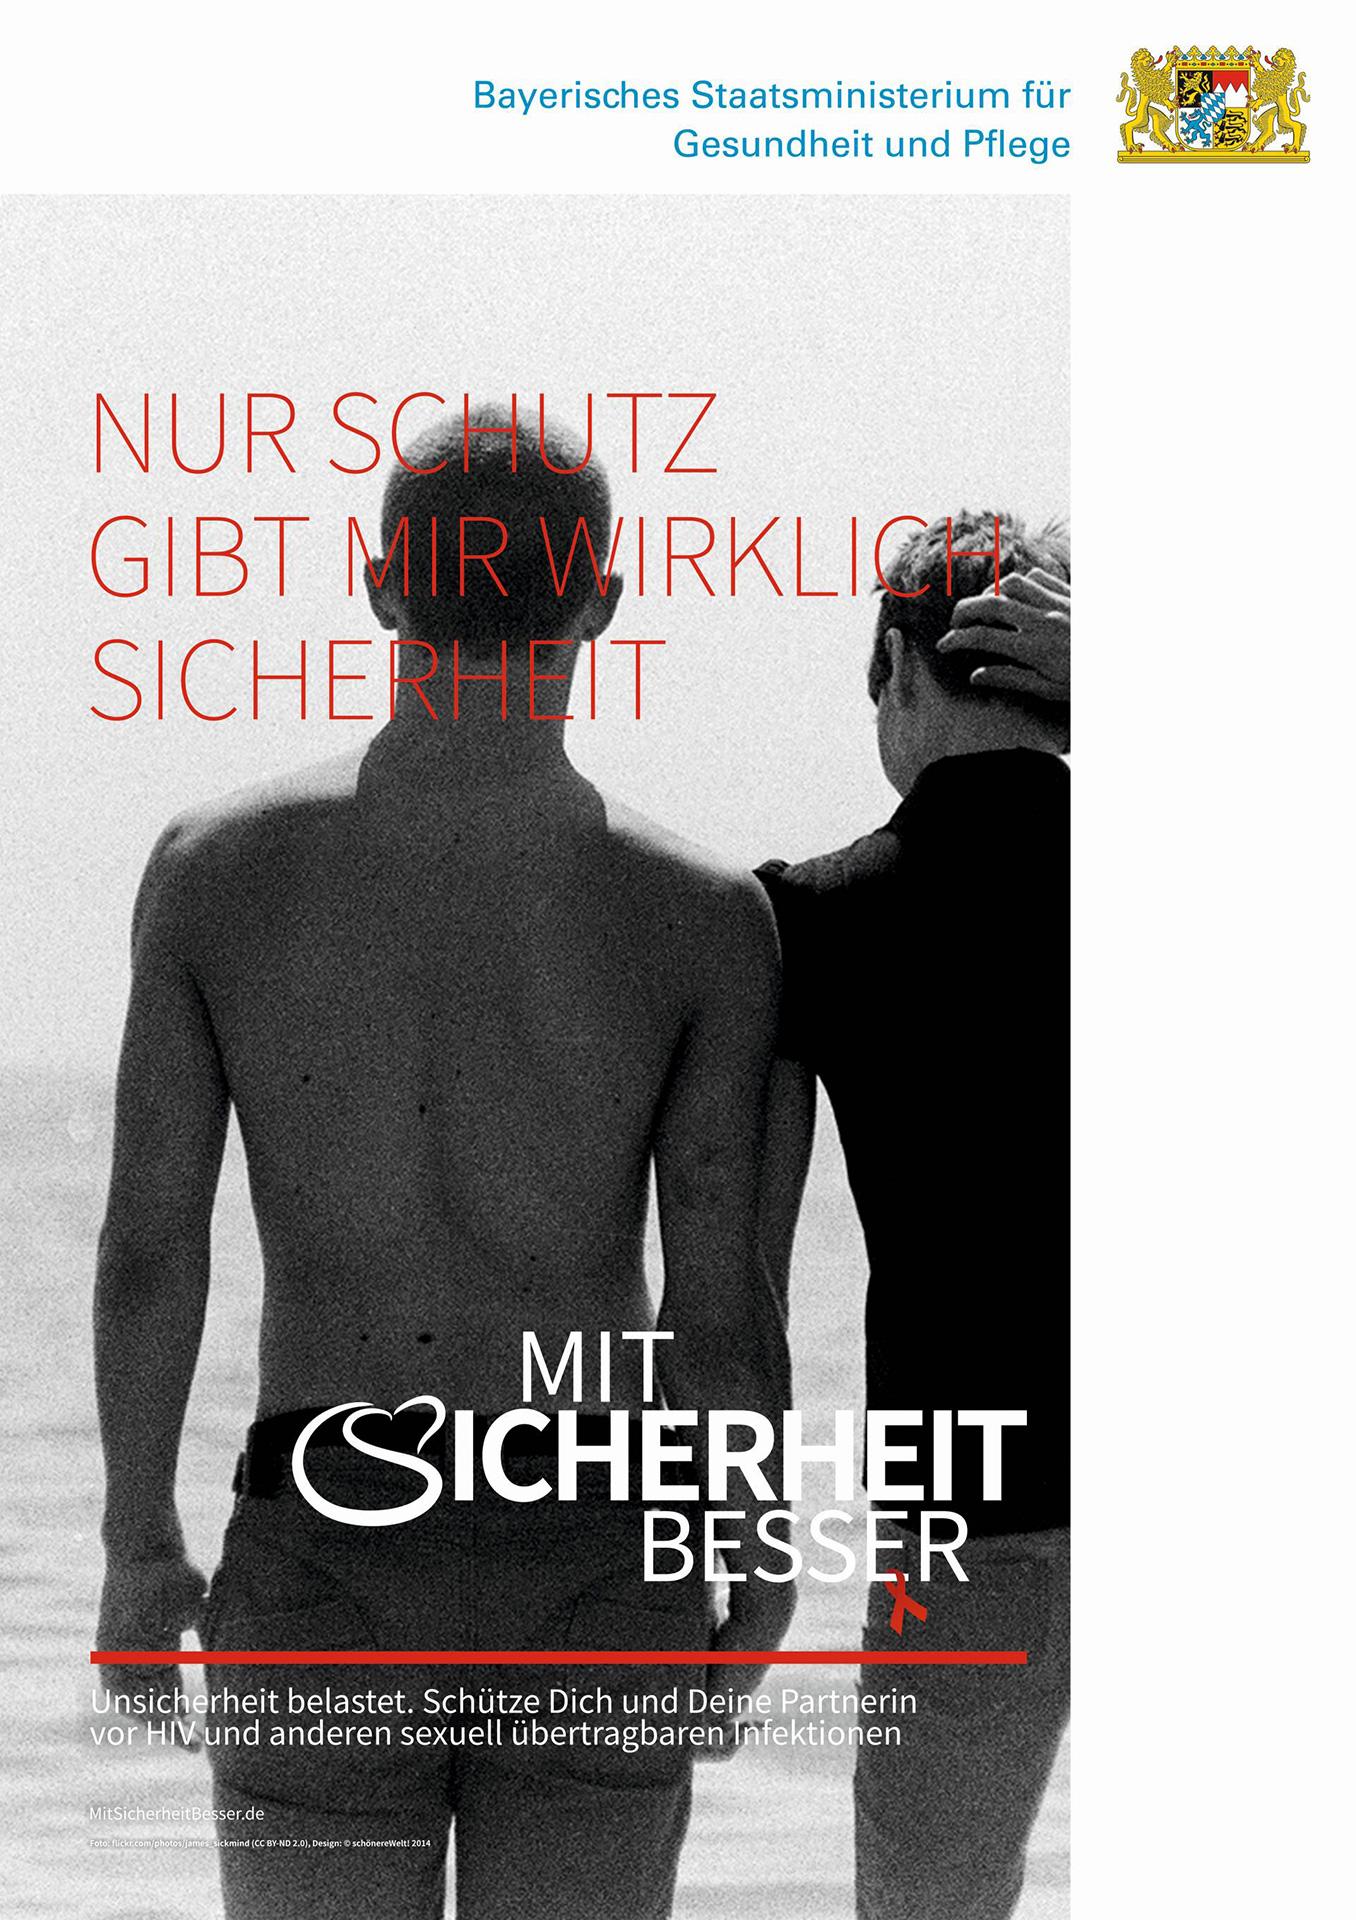 Mit-Sicherheit-Besser-A3-Poster-Couple-Strand-1356x1920px